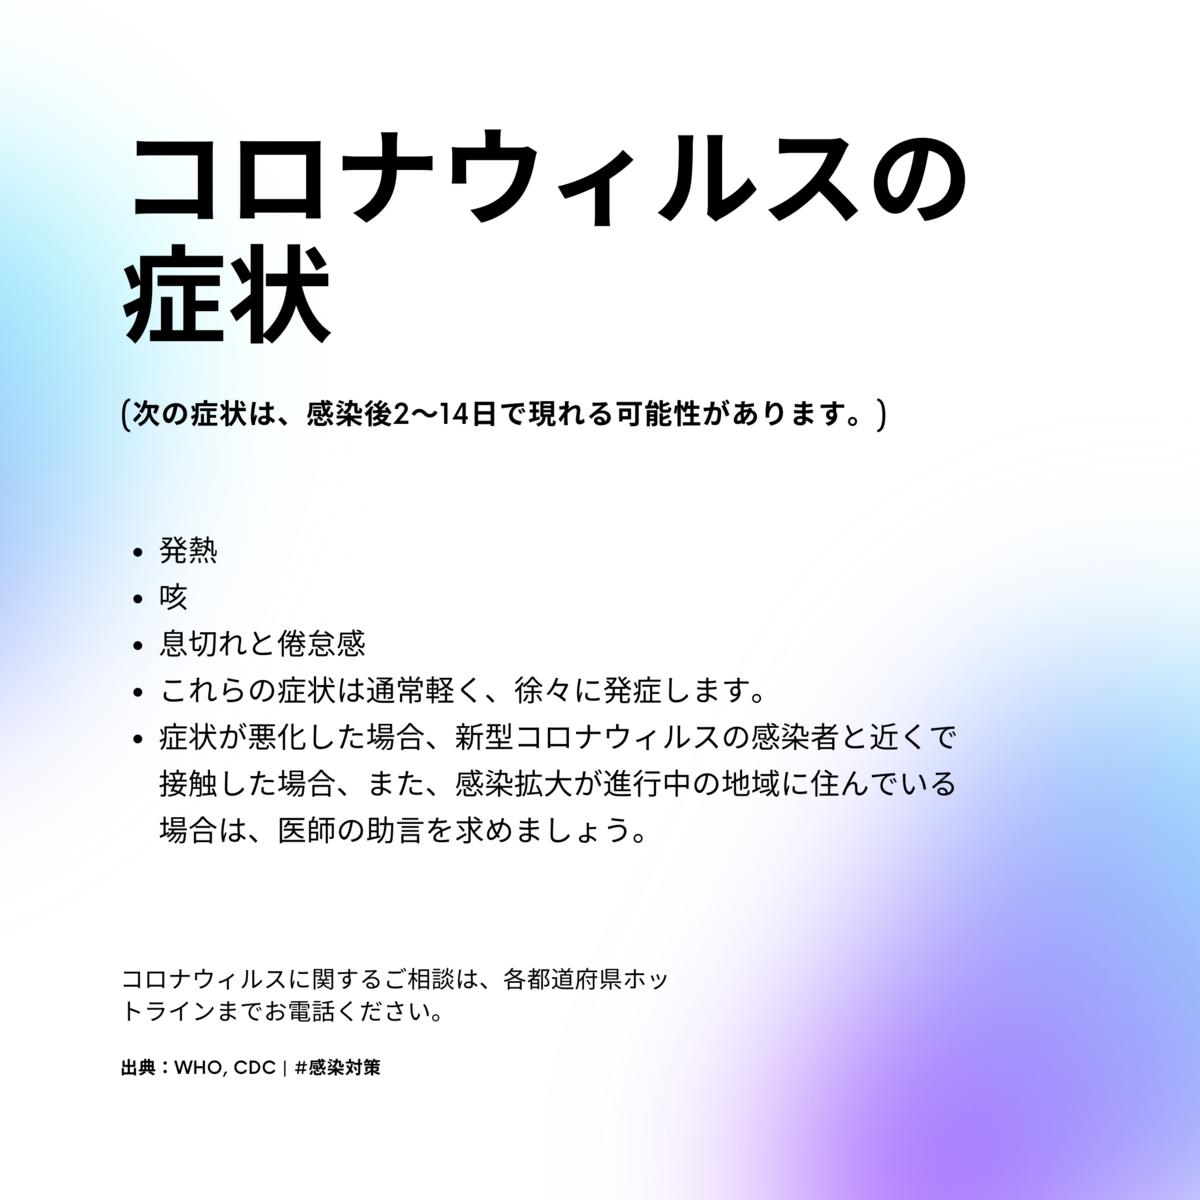 f:id:hamuhamu18:20200714203442p:plain